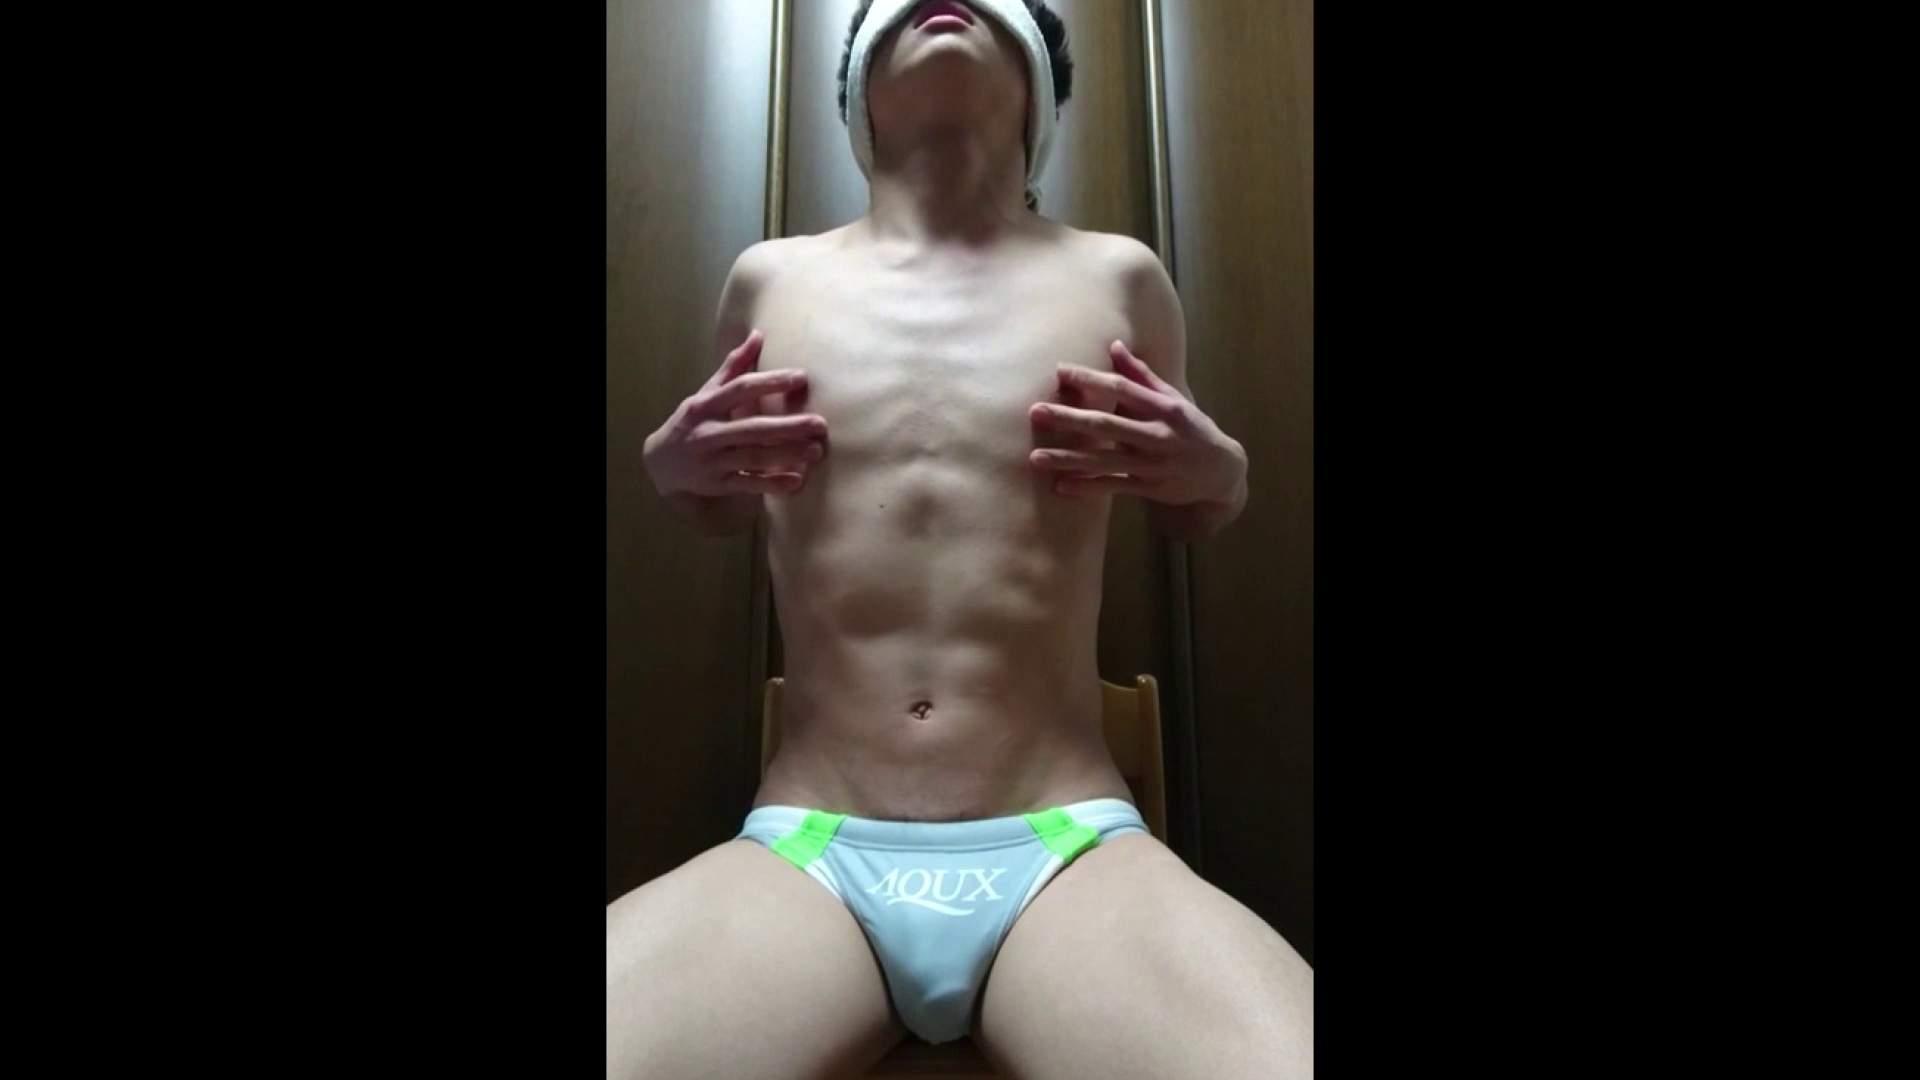 個人撮影 自慰の極意 Vol.21 個人撮影 | 手コキ ゲイエロ動画 93pic 1